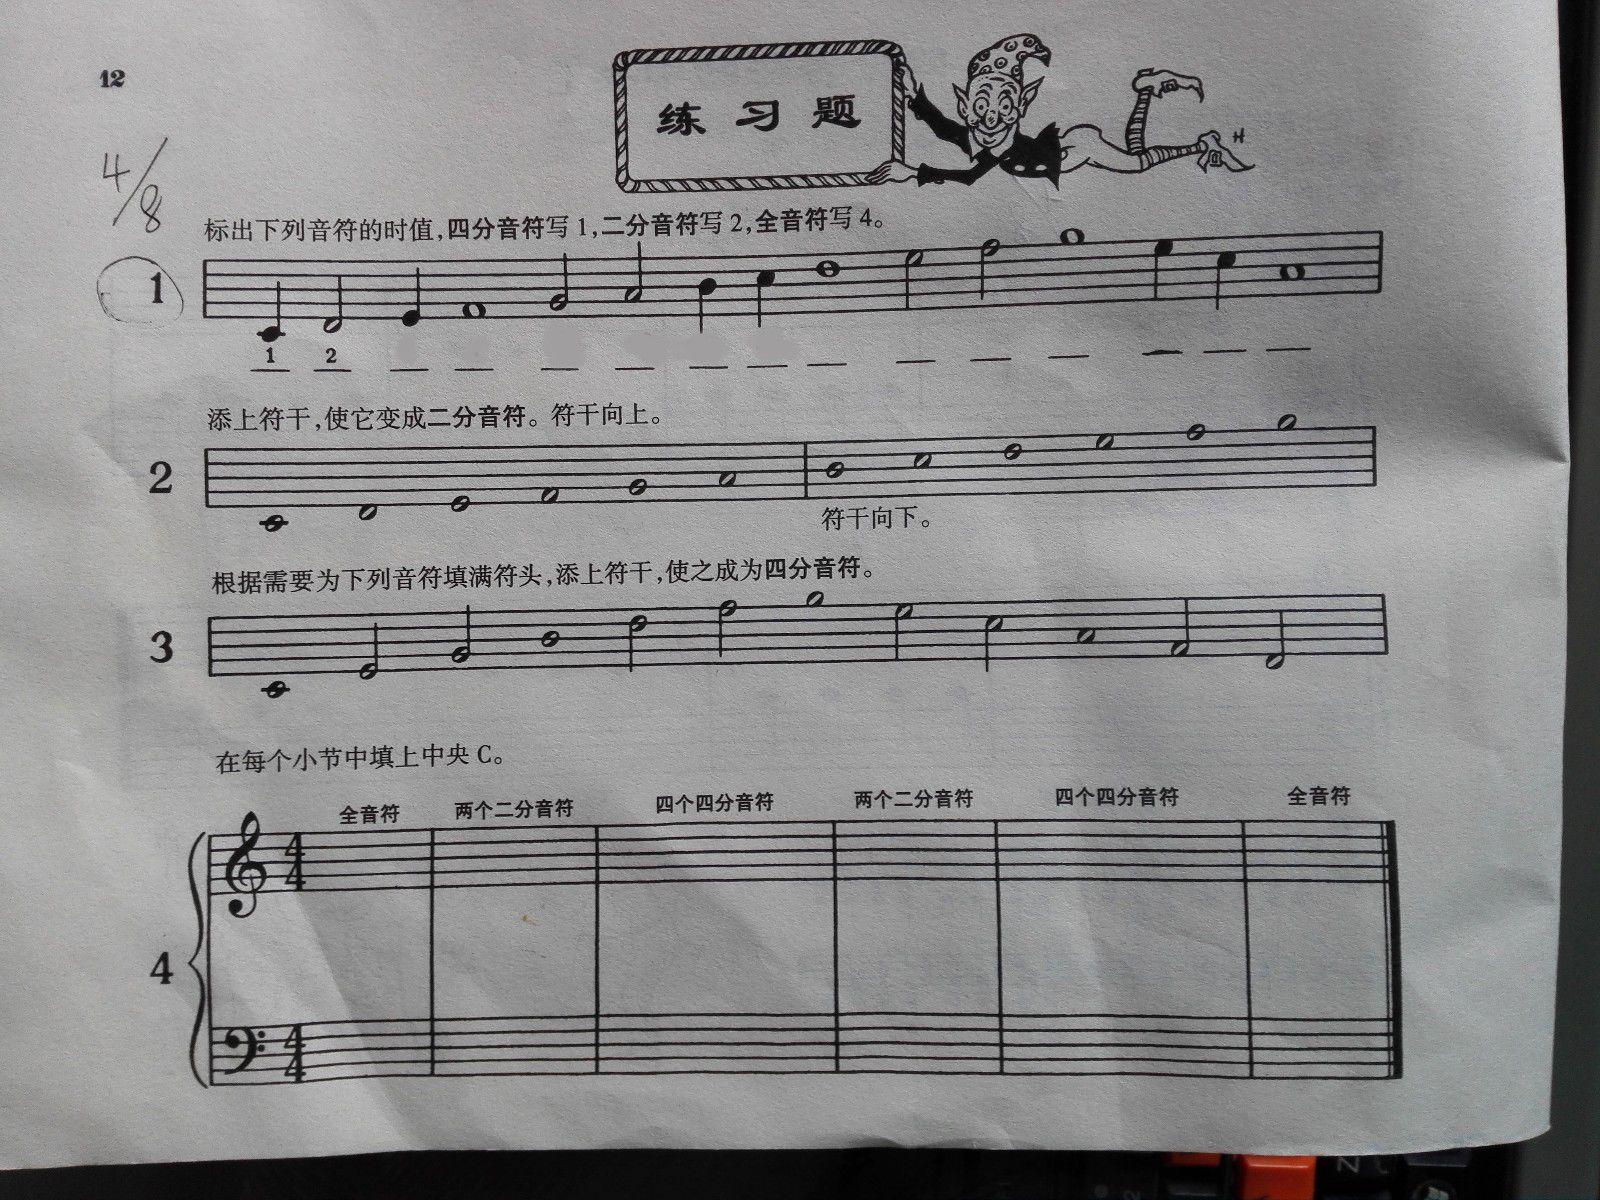 约翰汤普森简易钢琴教程一册第12页练习题得答案图片